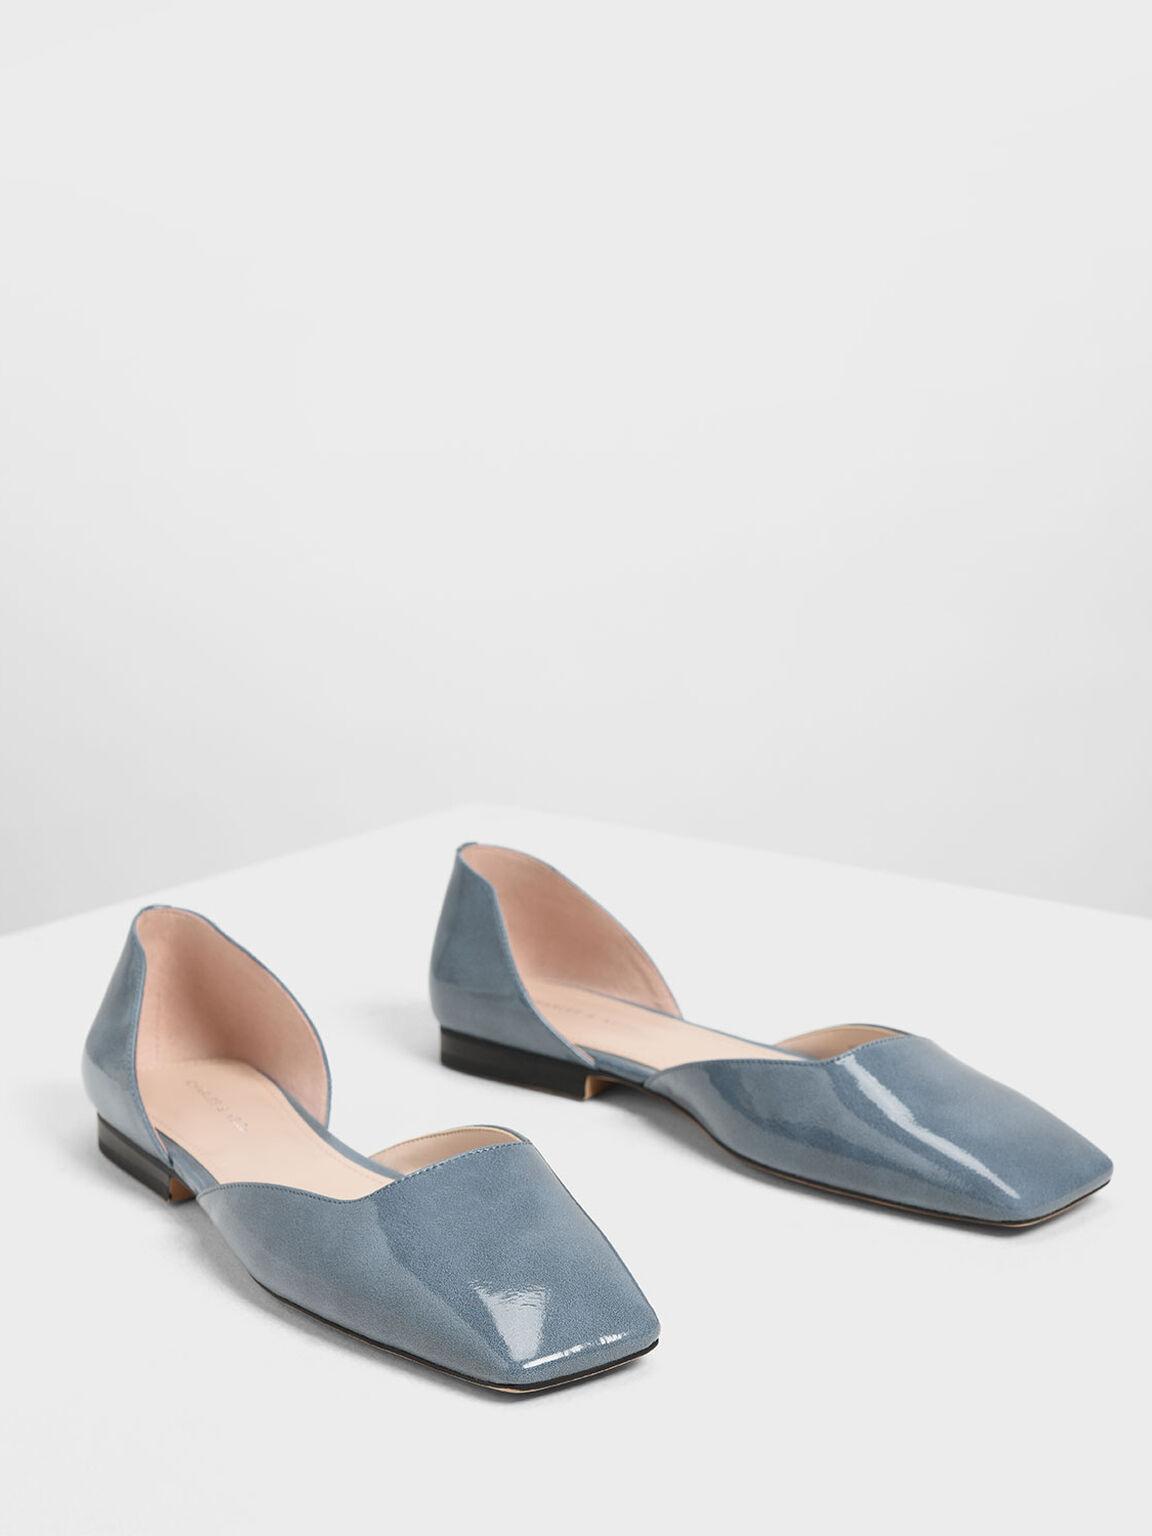 Square Toe D'Orsay Flats, Light Blue, hi-res